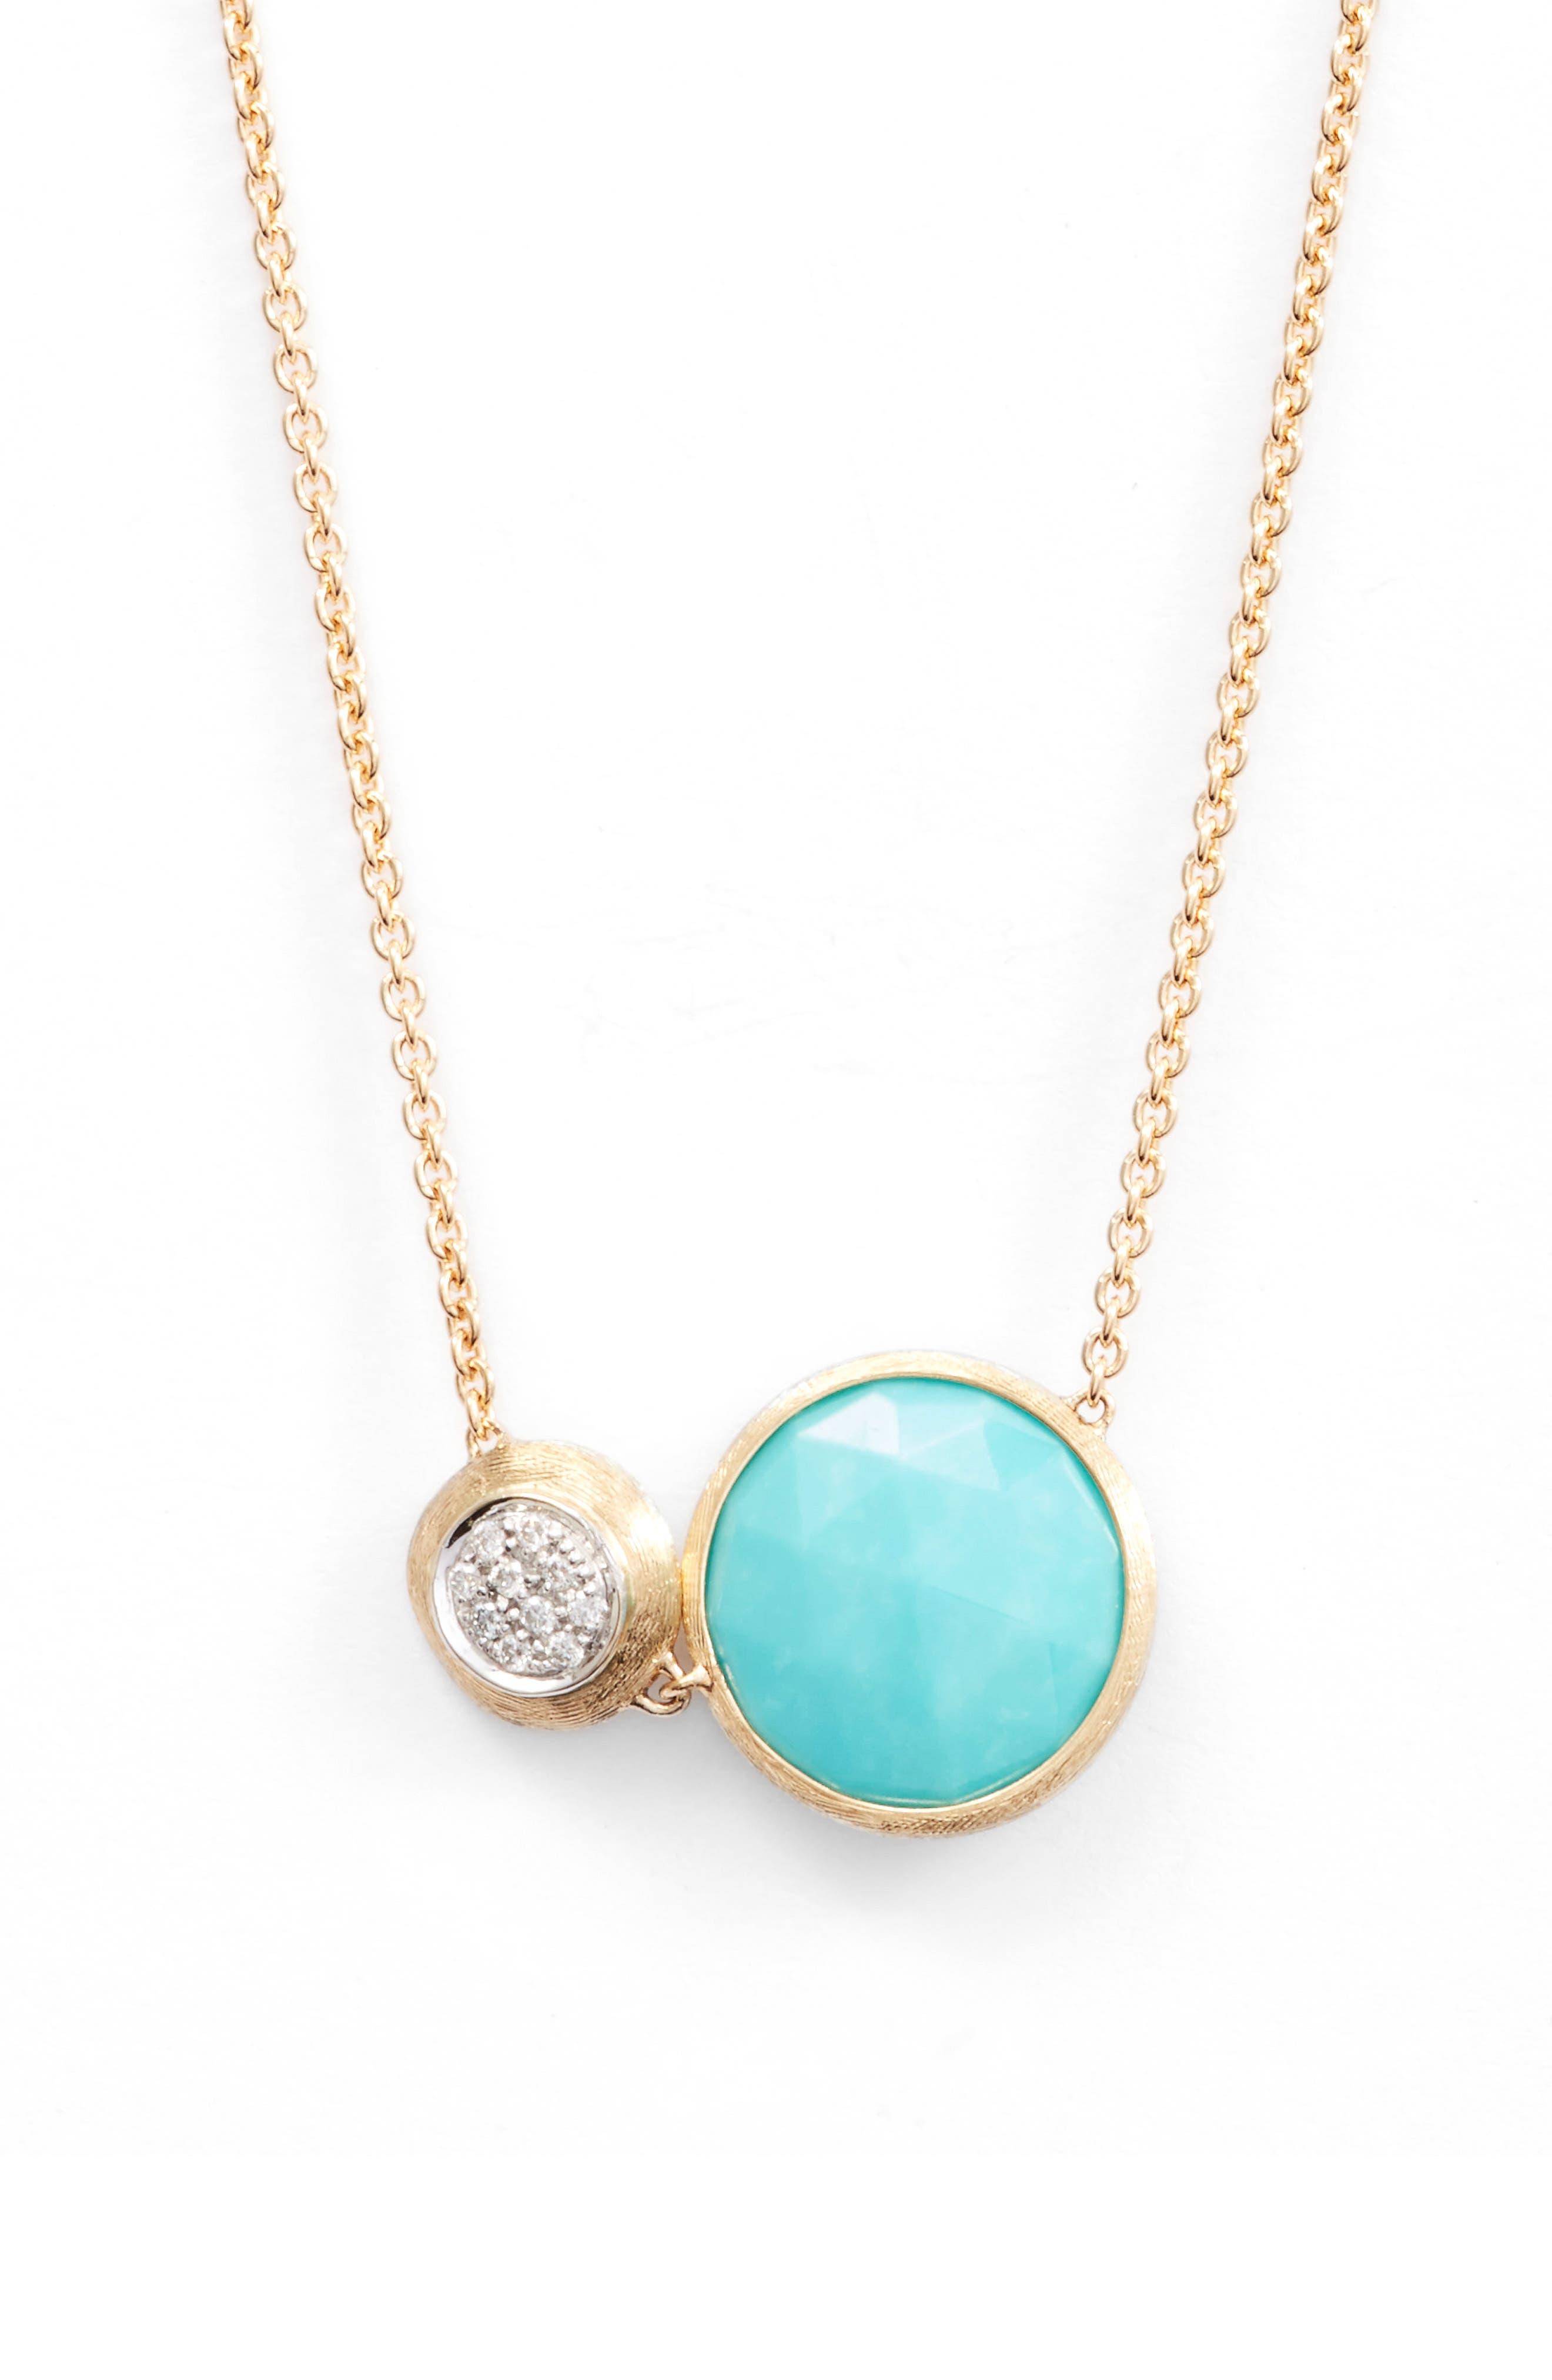 Main Image - Marco Bicego Jaipur Turquoise & Diamond Pendant Necklace